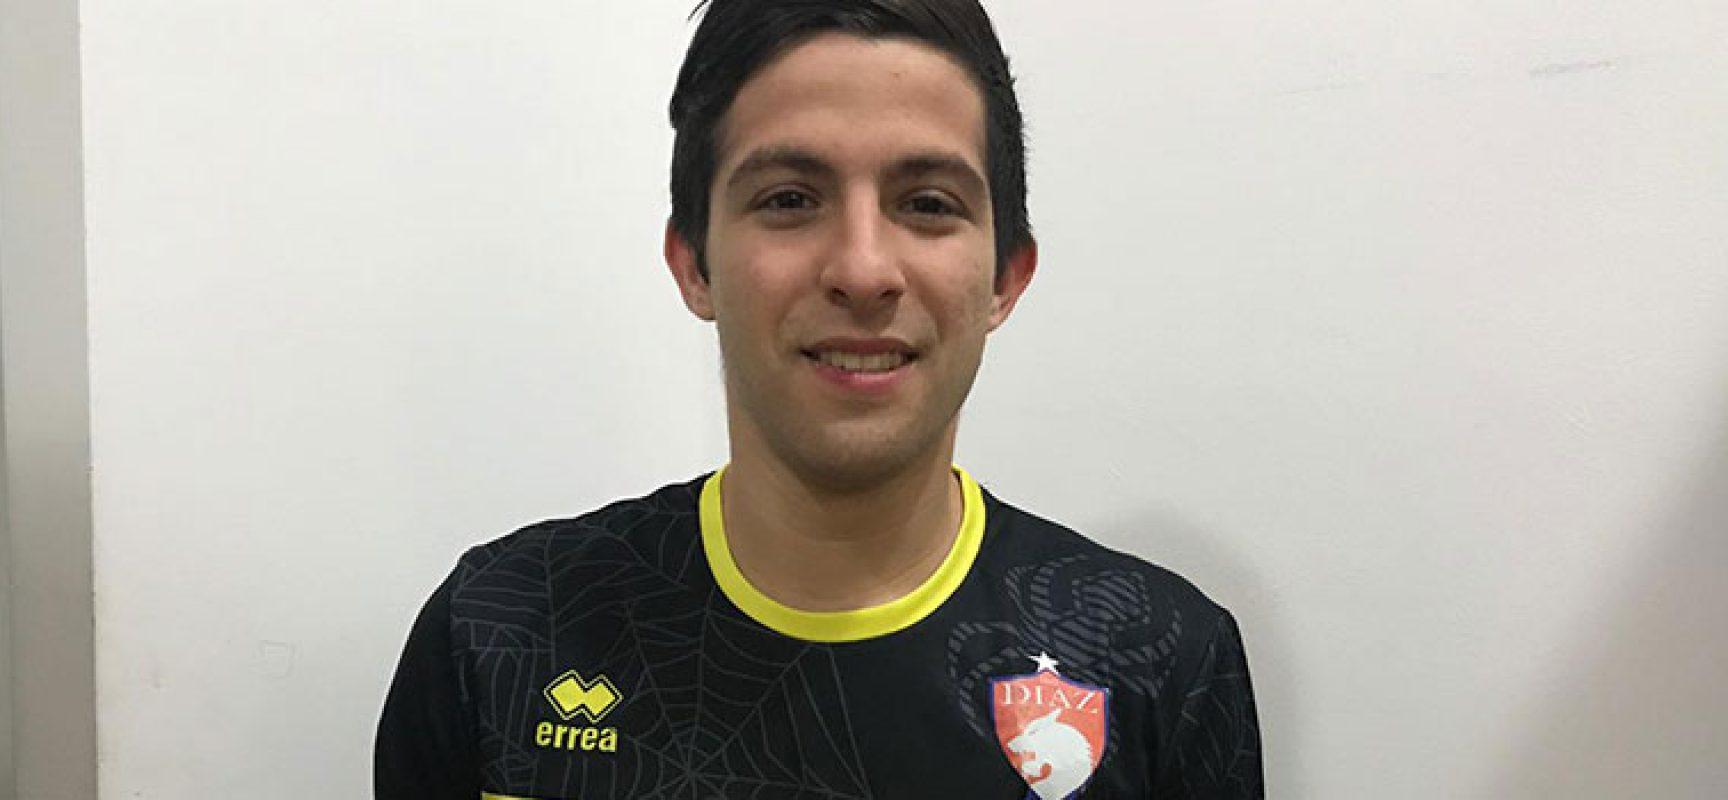 Raphael Giannantonio è il nuovo portiere della Diaz